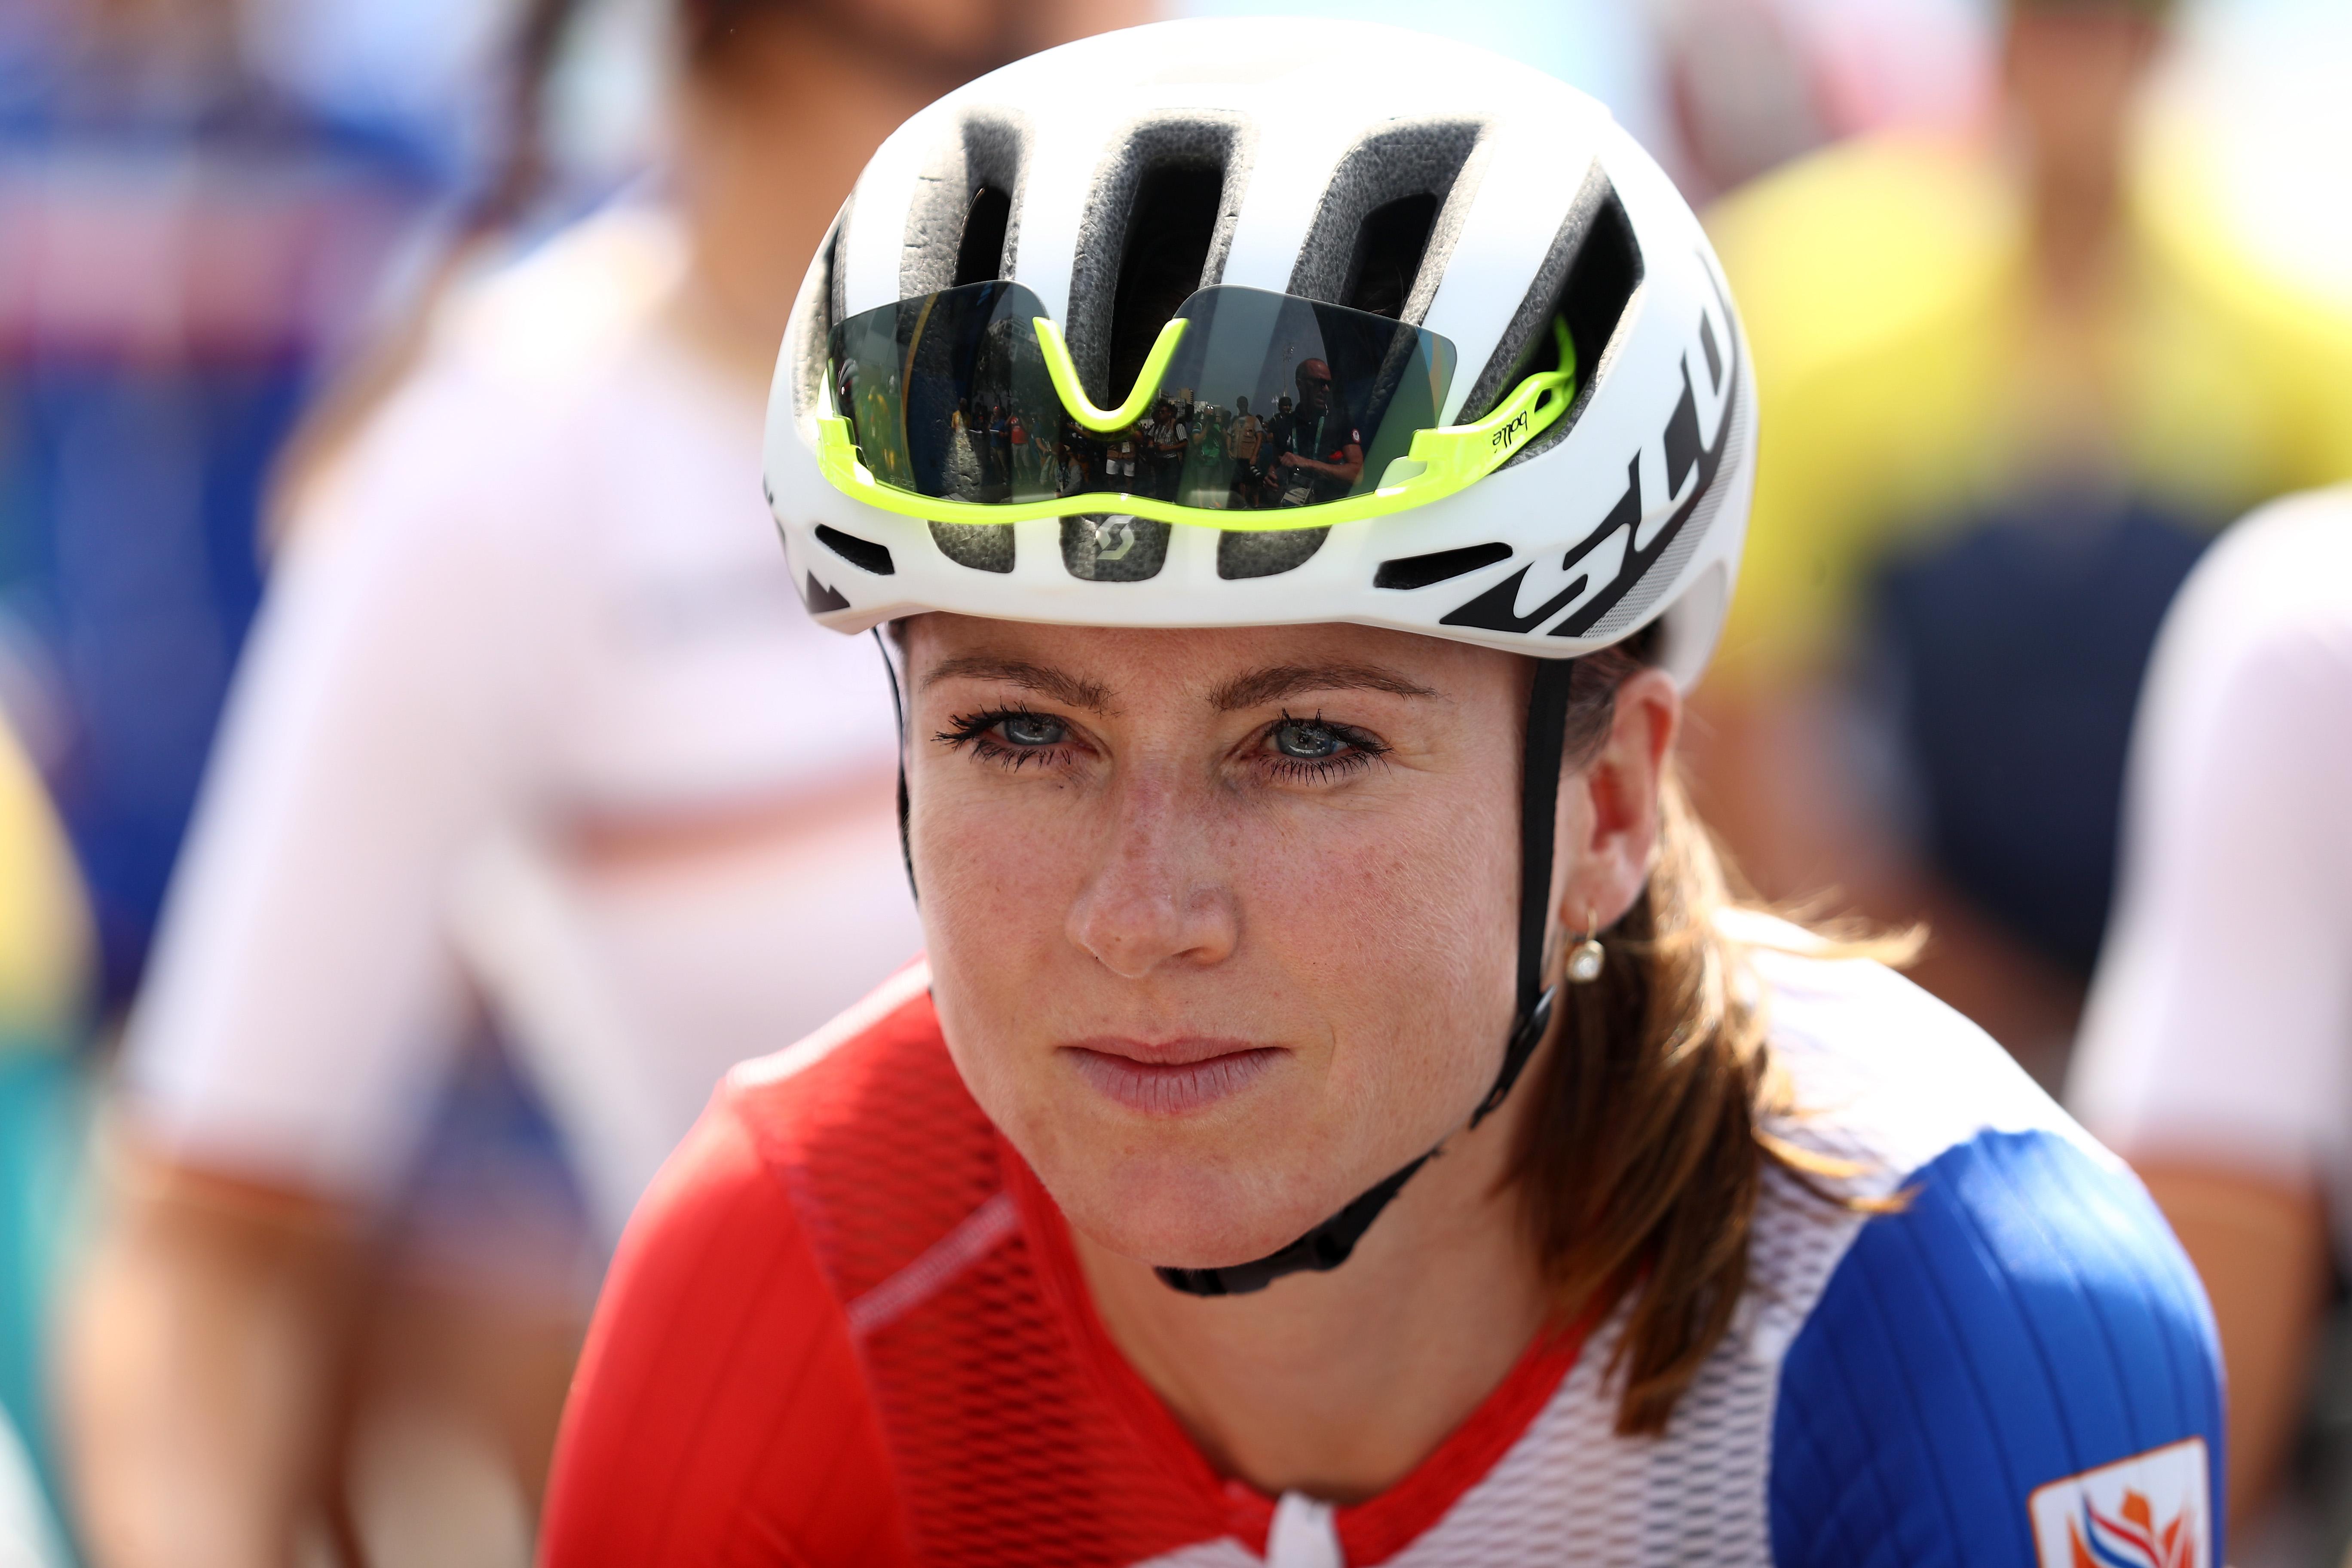 Annemiek van Vleuten prepares for the start of the women's road race in Rio.